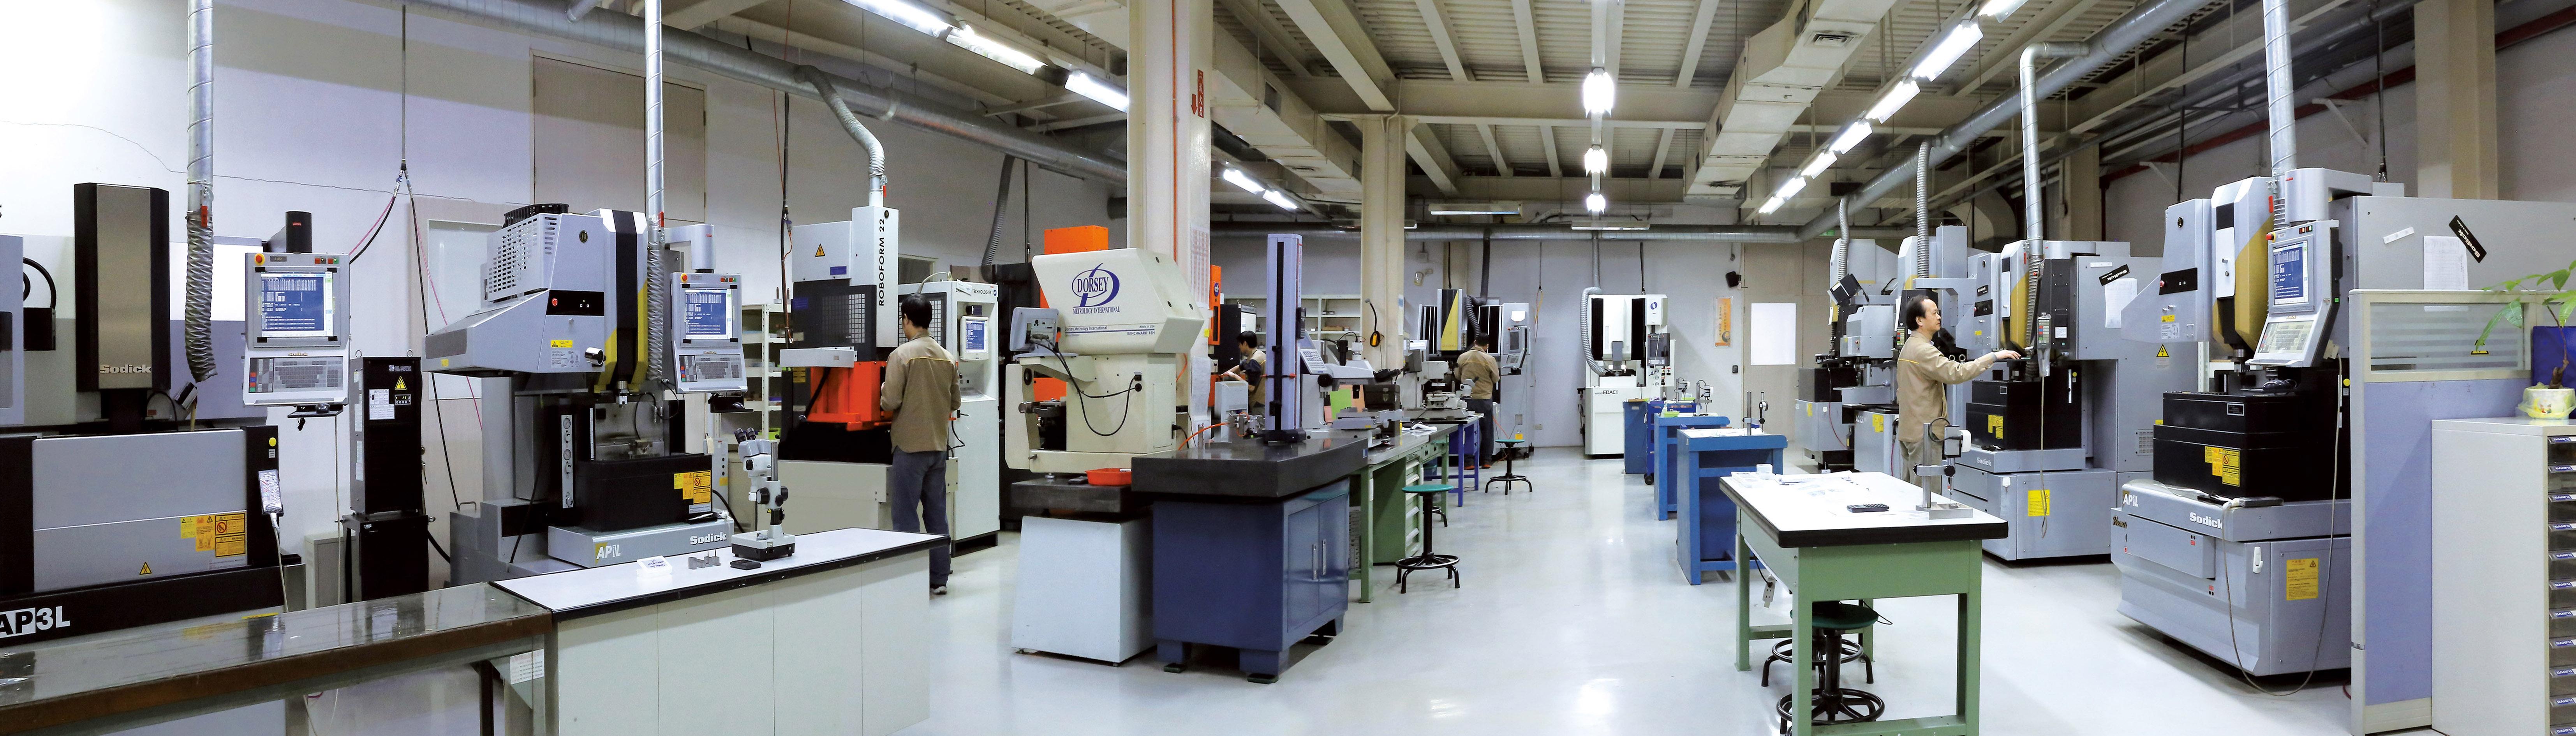 CNC EDM dept